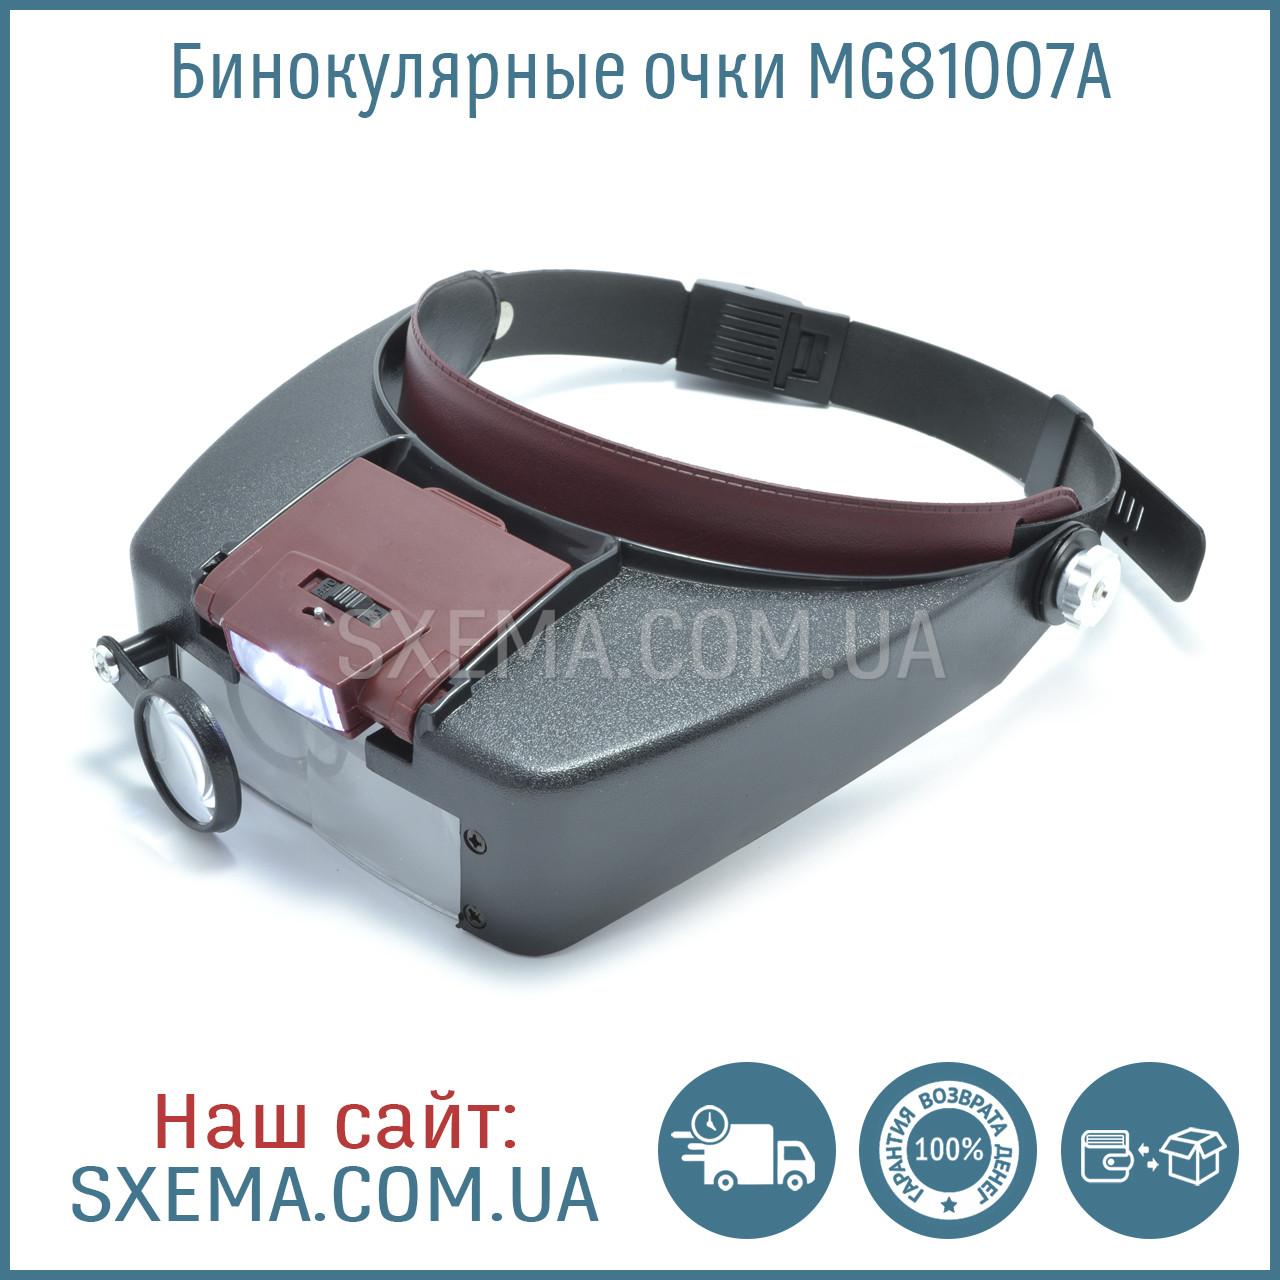 Бинокулярные лупы очки MG81007A (1,5Х 3Х 6,5Х 8Х) c Led подсветкой, фото 1